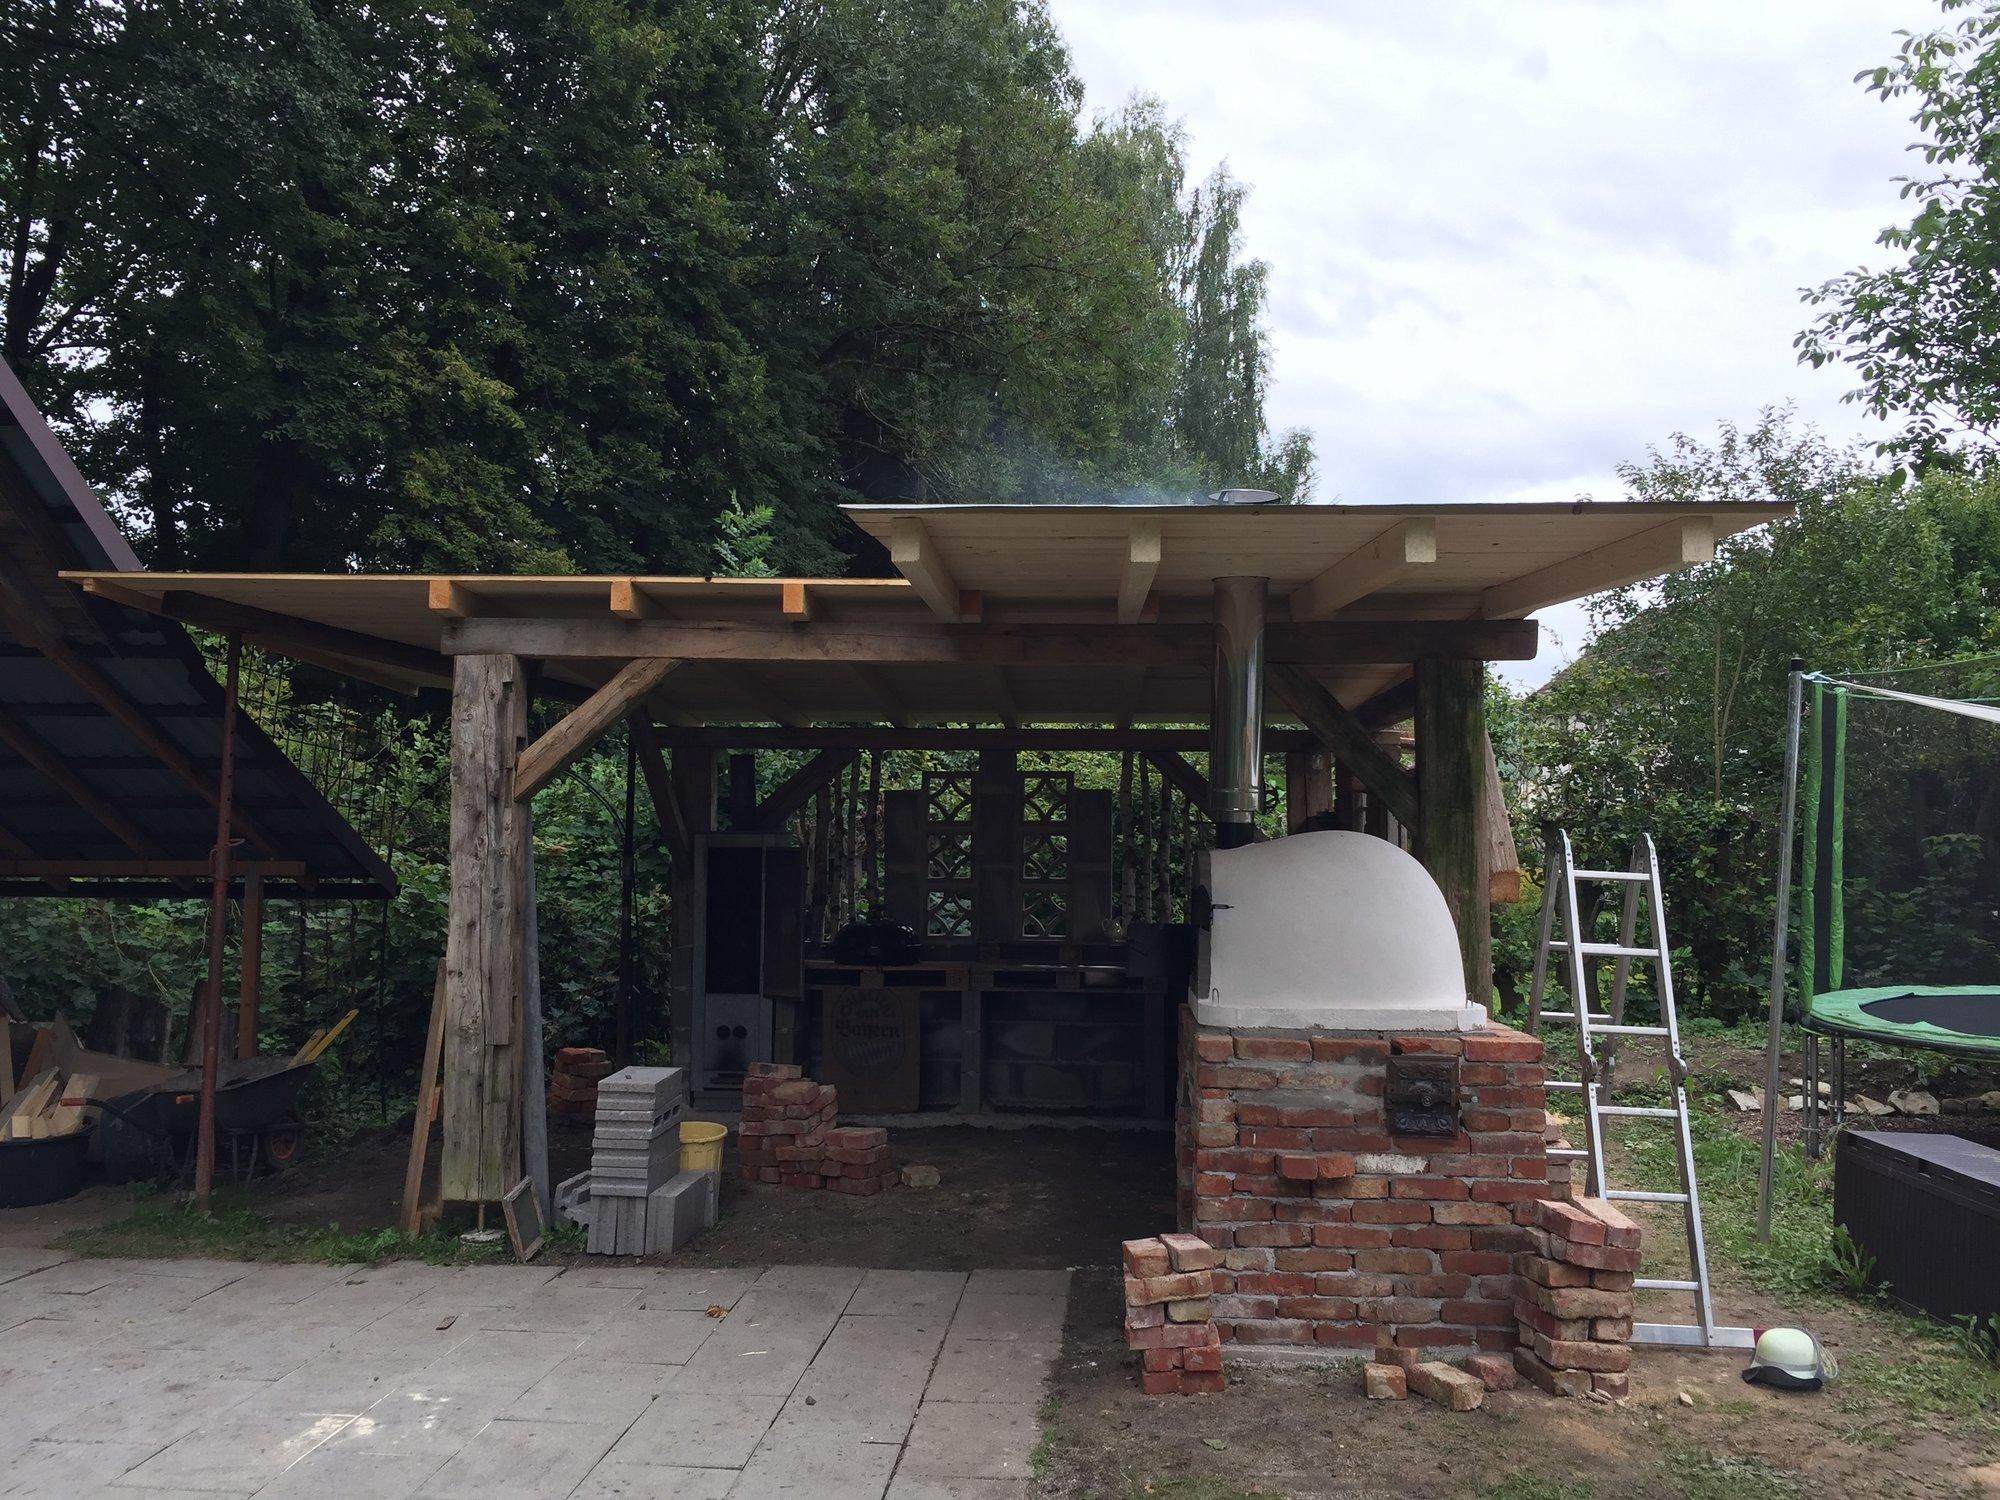 Weber Outdoor Küche Bauen : Nach dem hausbau fange ich mal an mir eine outdoorküche zu bauen